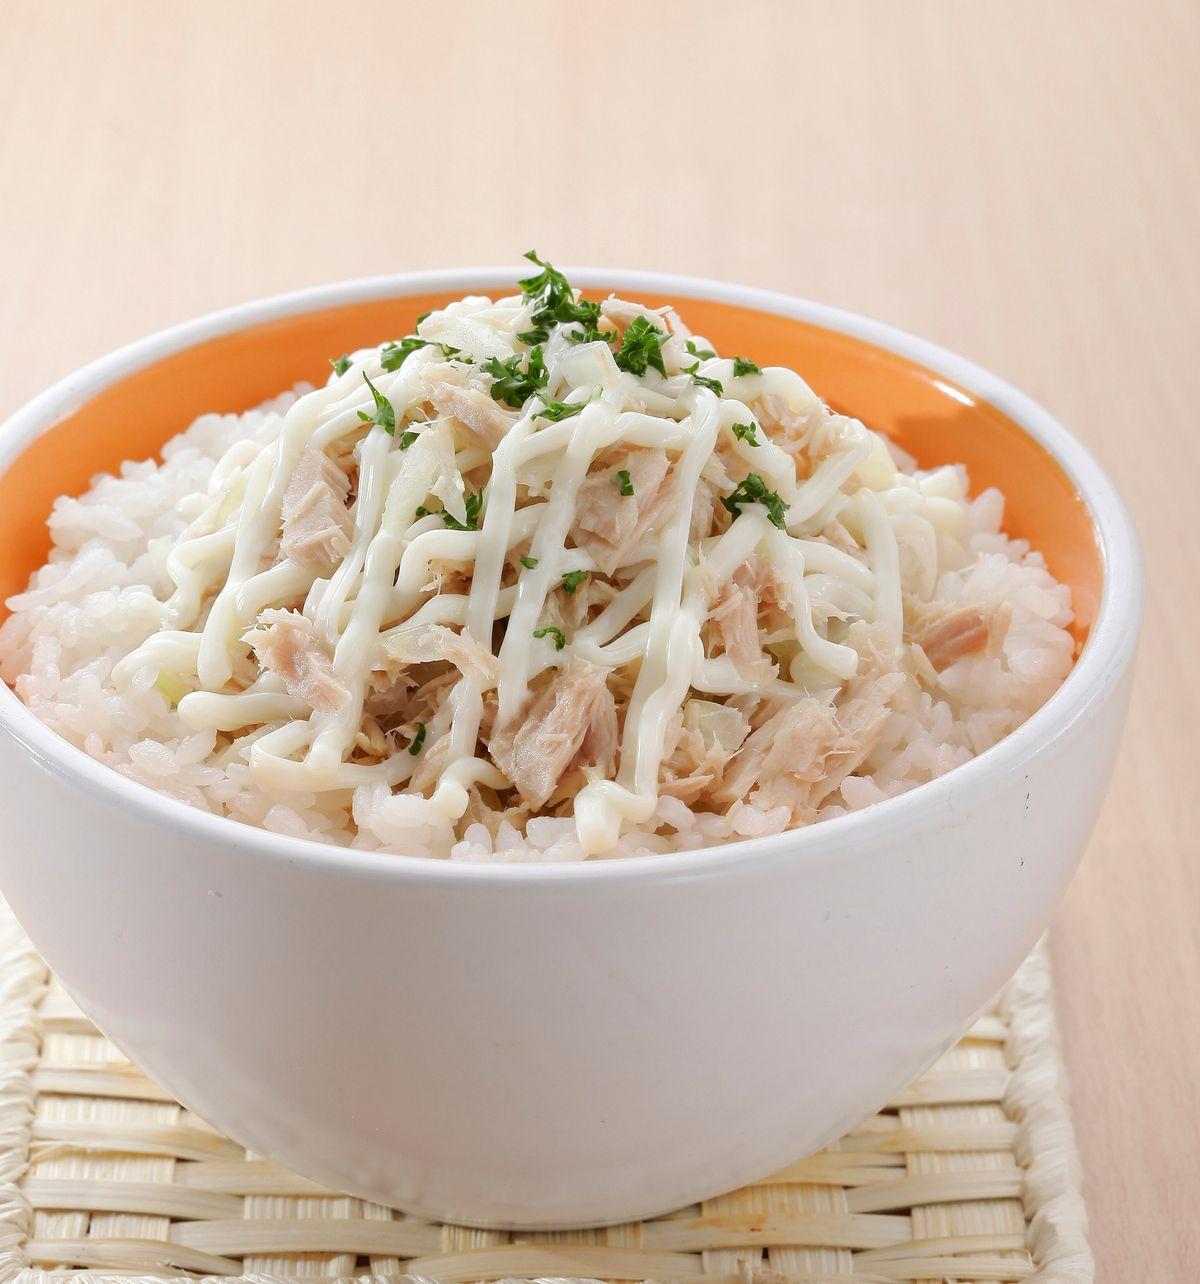 食譜:鮭魚沙拉蓋飯